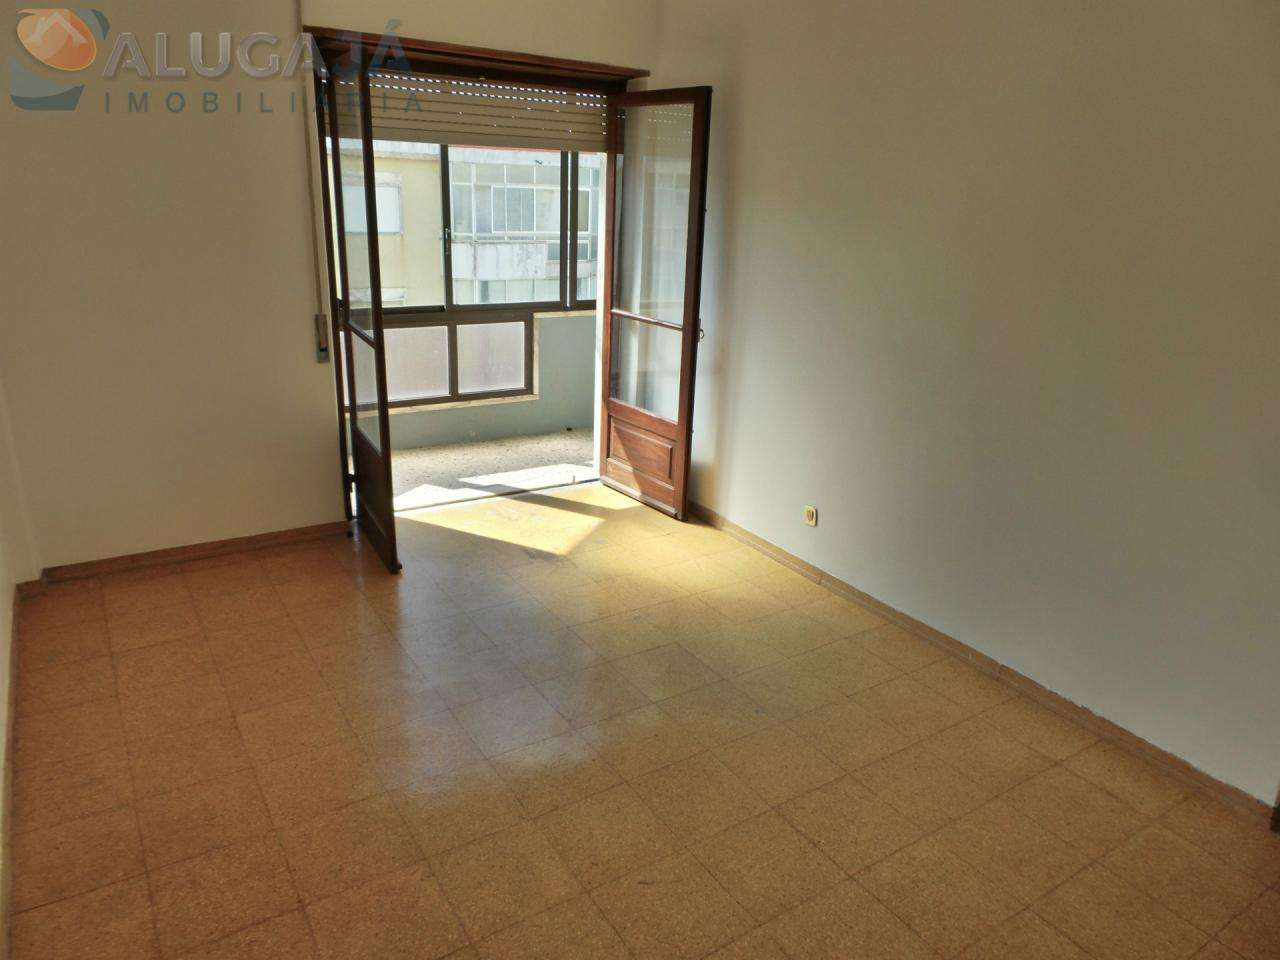 Apartamento para comprar, Travessa Doutor João de Barros - Mercês, Algueirão-Mem Martins - Foto 15